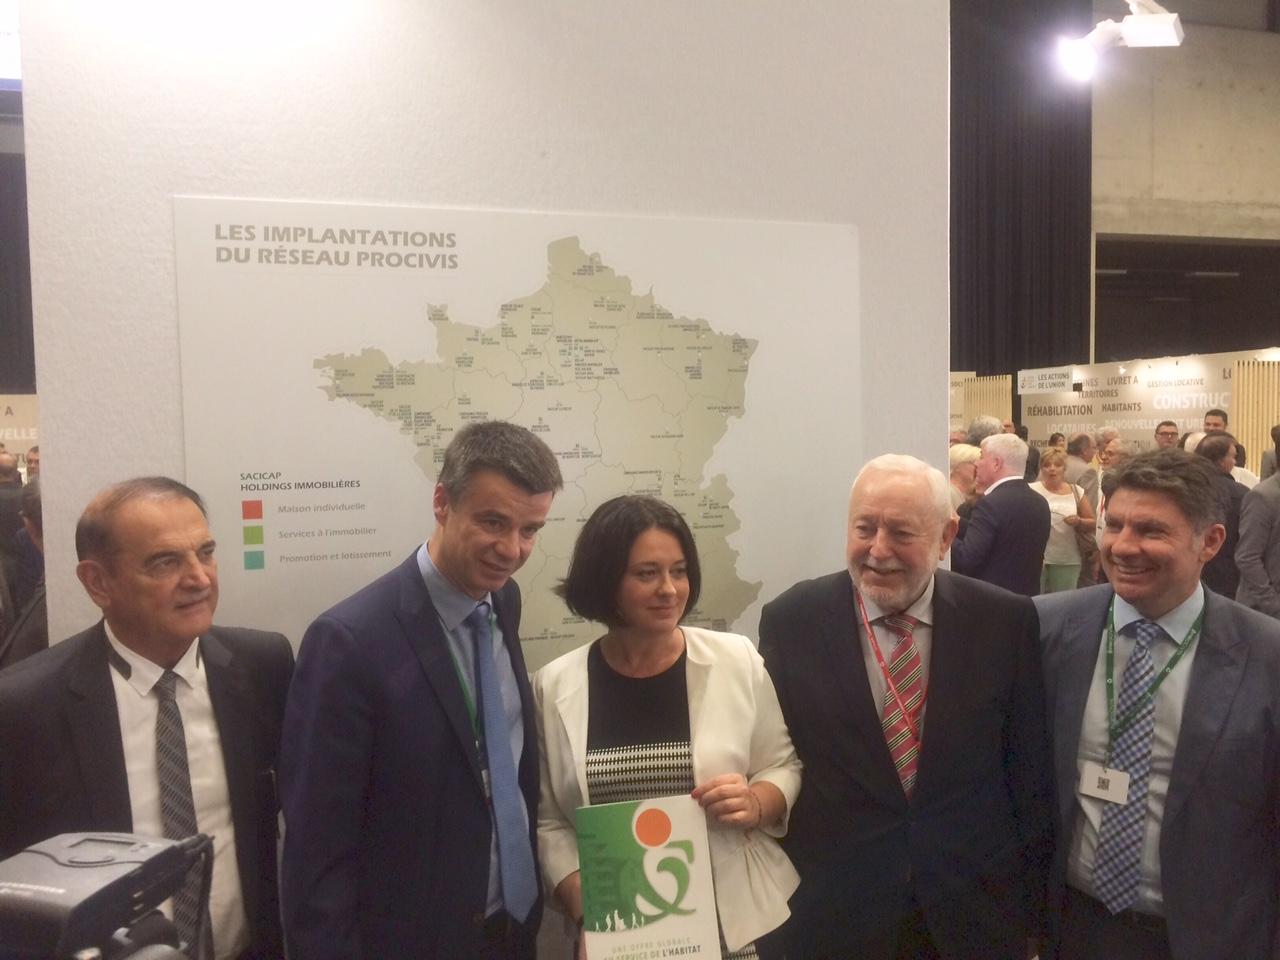 Sylvia PINEL Yannick borde PROCIVIS CONGRES HLM 2015